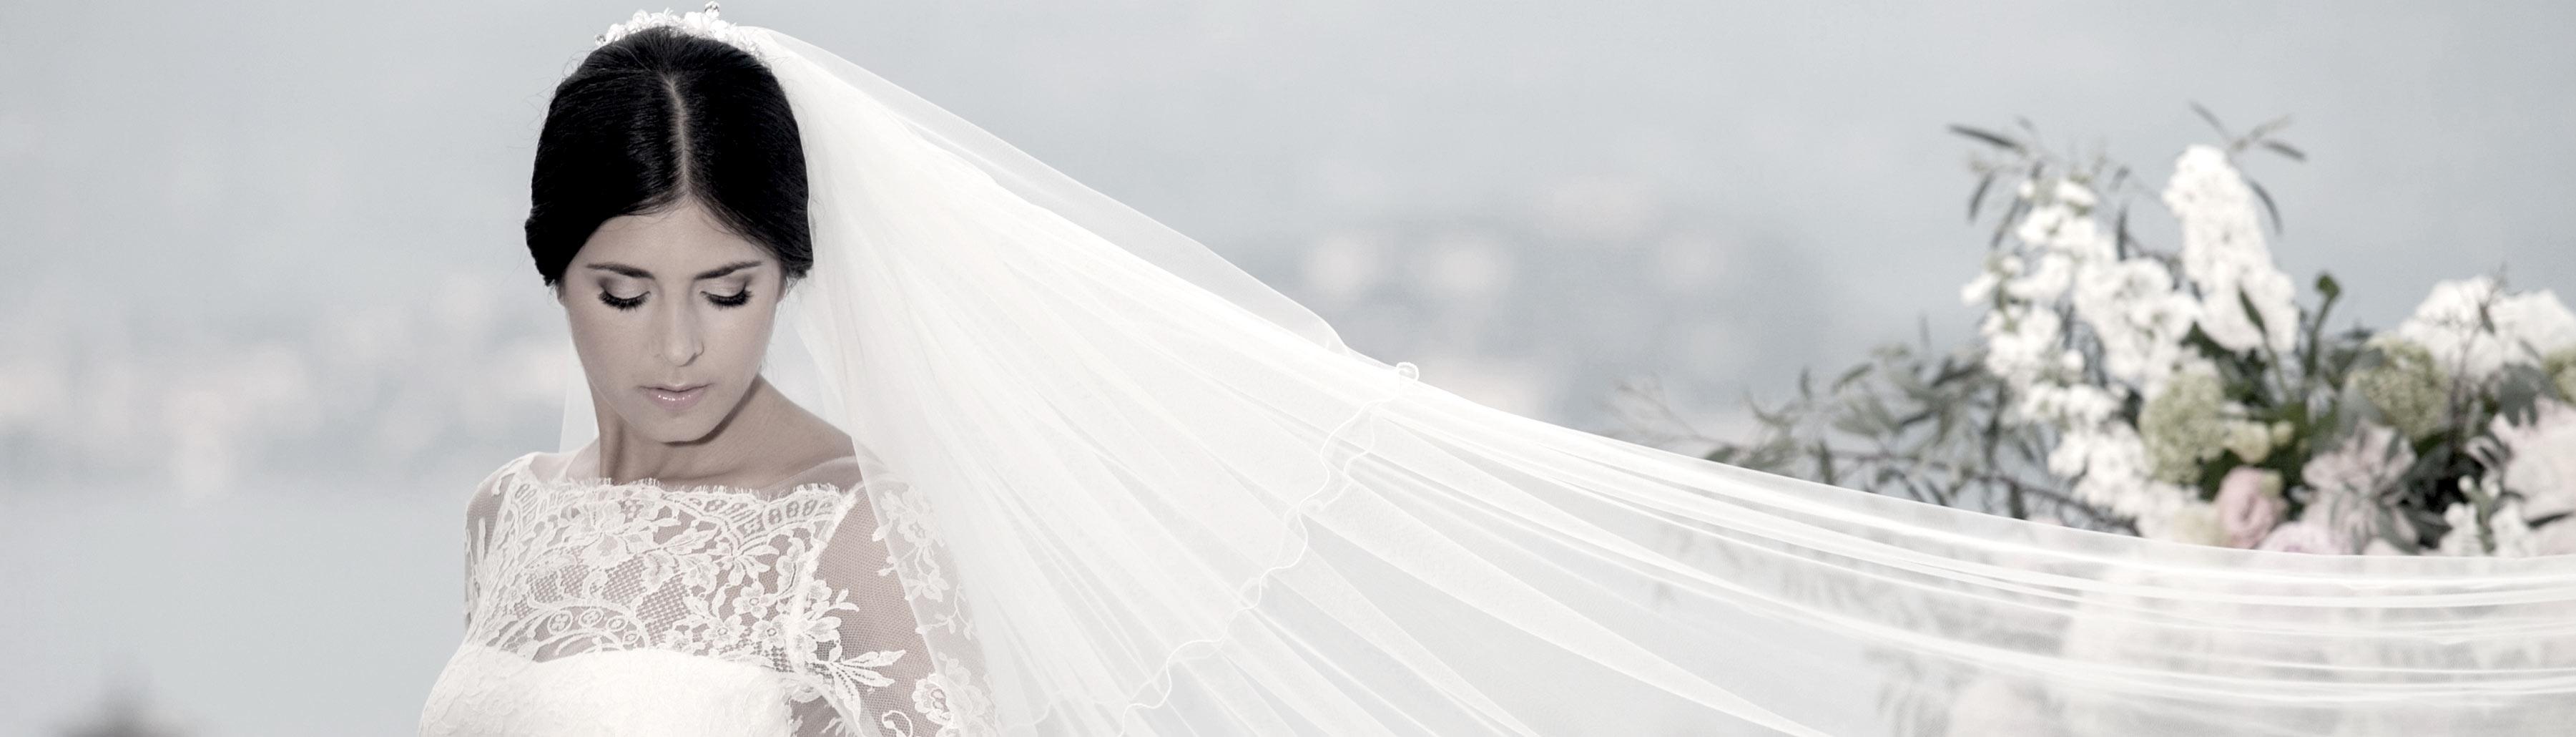 Il velo da sposa   Epoche e Tradizioni - Couture Hayez Milano 624f3e3fe065